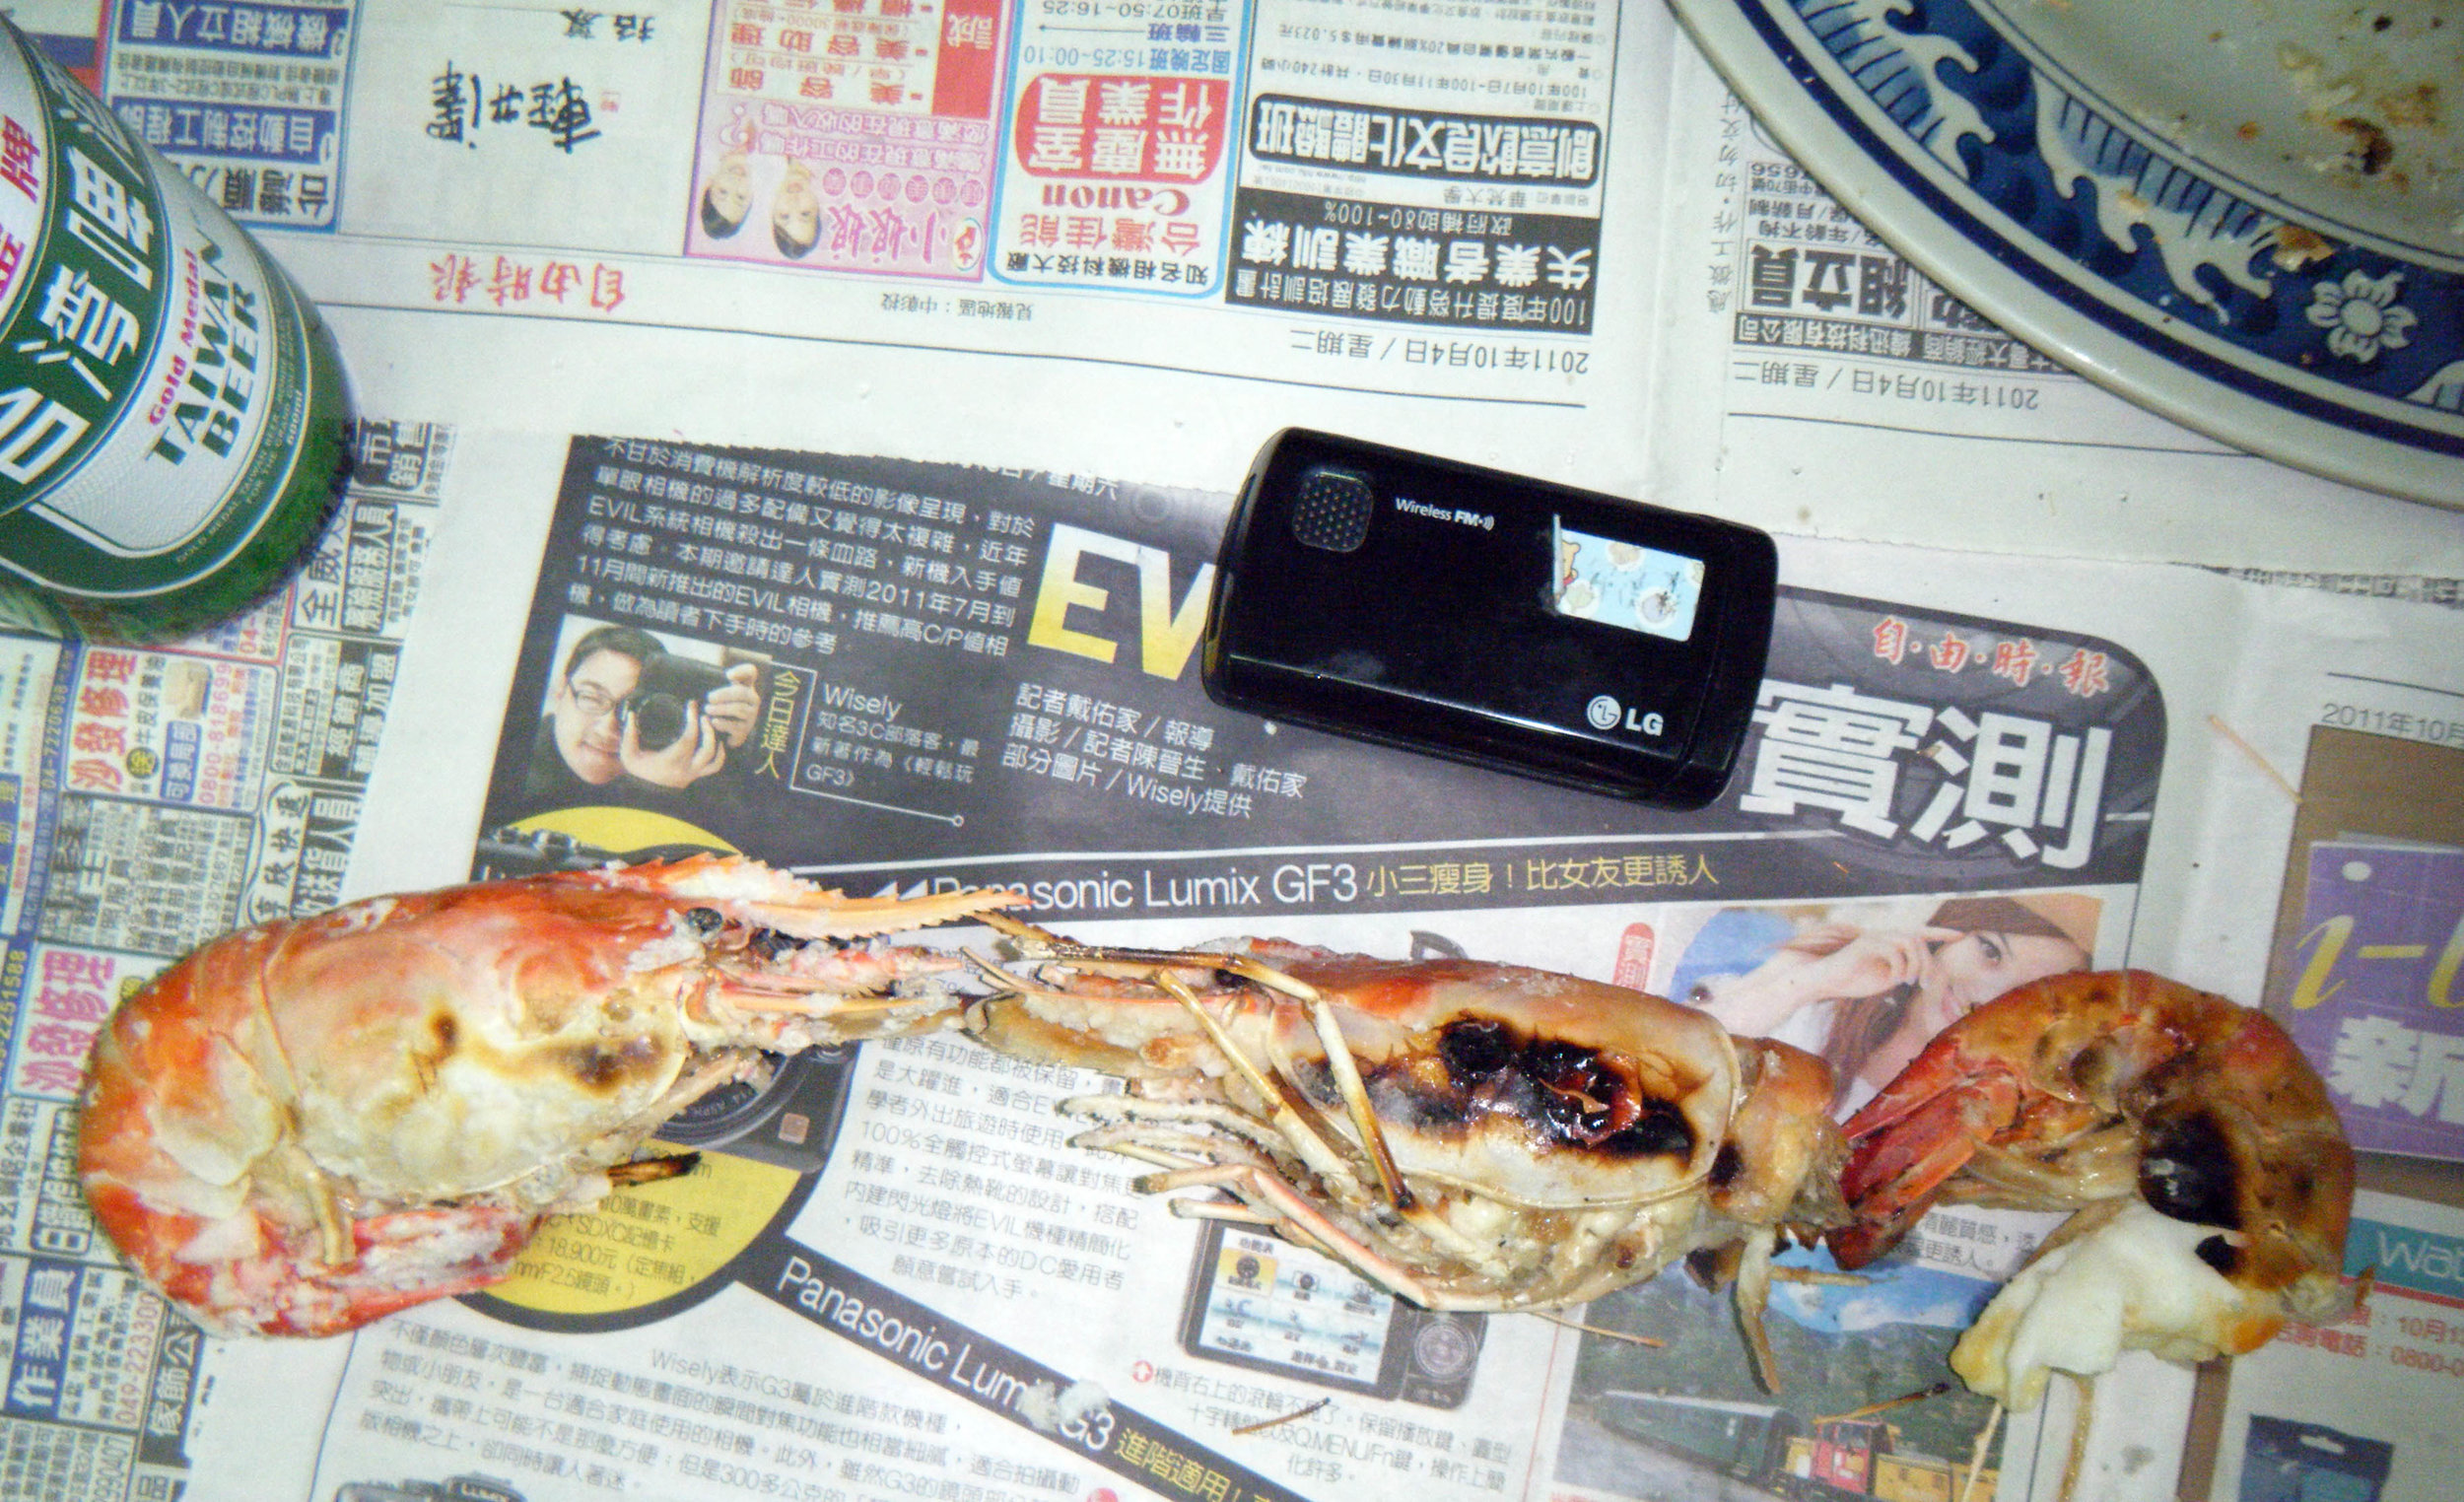 shrimping spoils.jpg